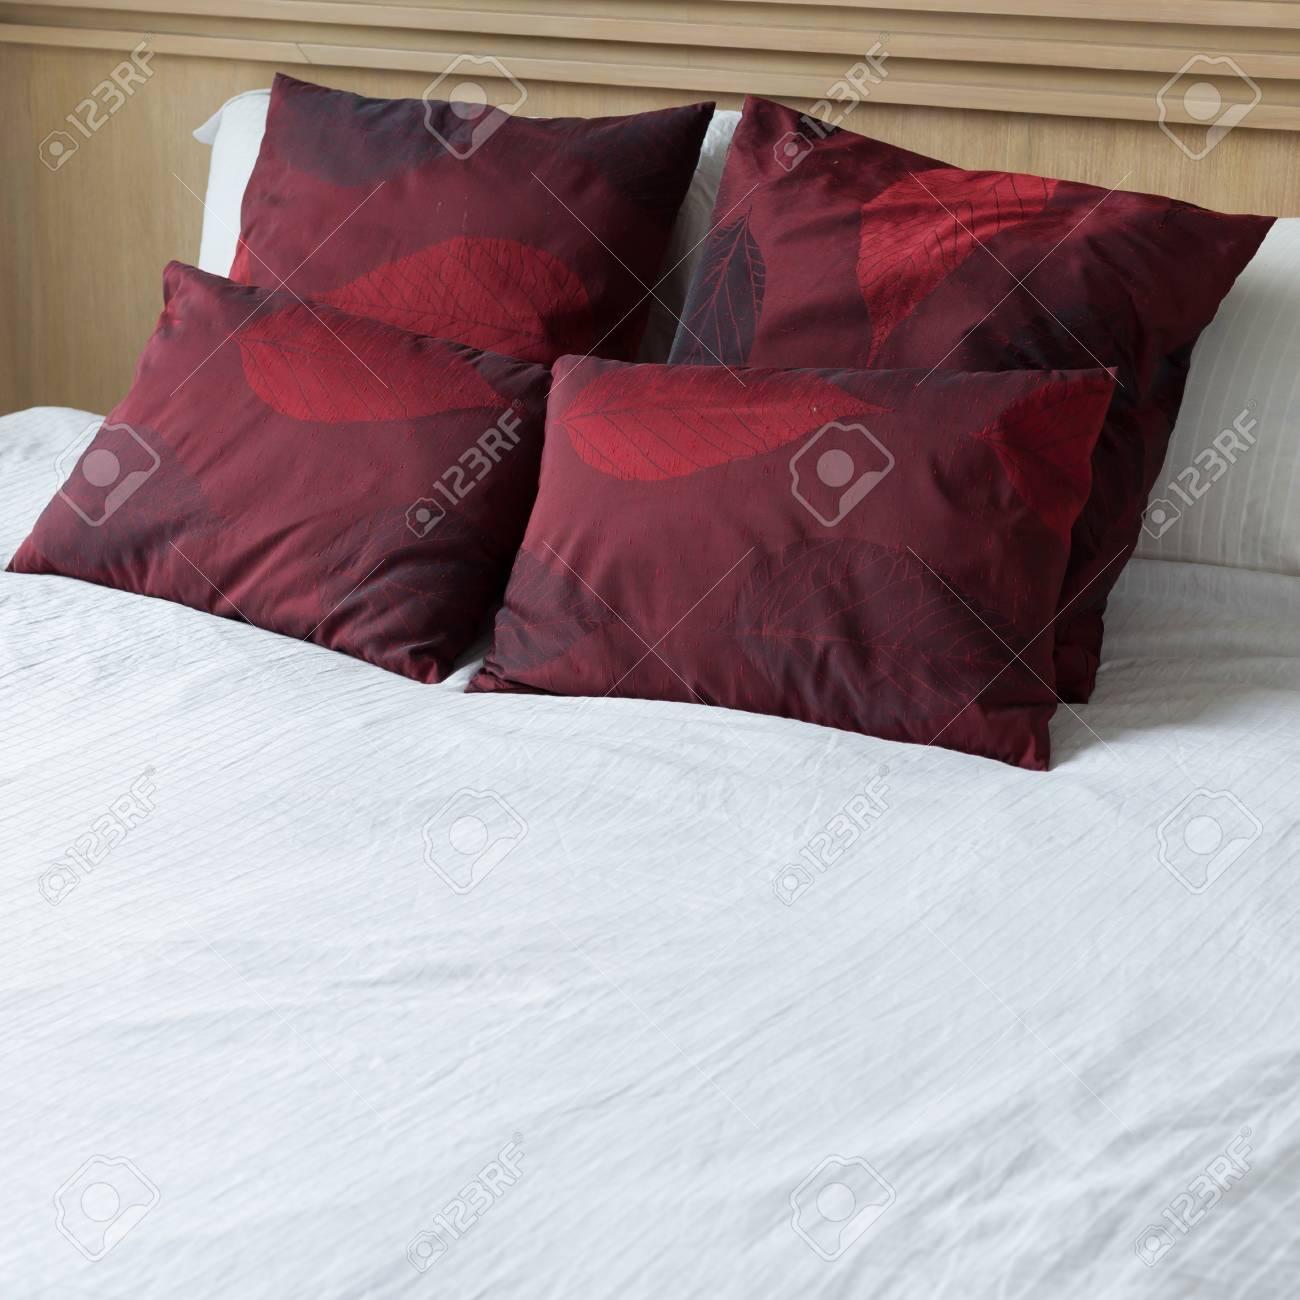 Schlafzimmer Innenarchitektur Modernen Stil Mit Weißen Matratze Und ...